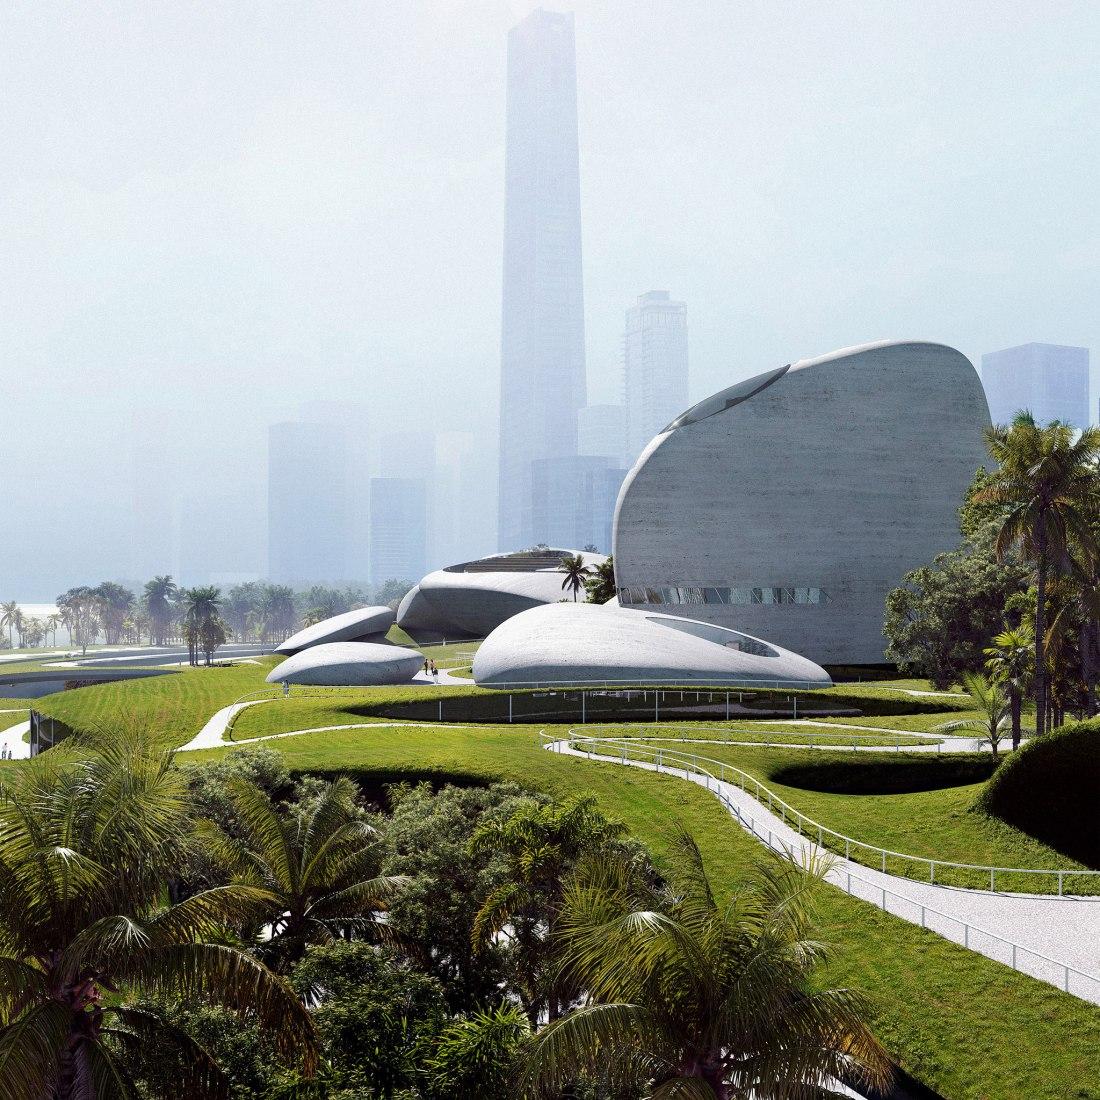 Parque cultural de la bahía de Shenzhen por MAD. Visualización por MIR. Imagen cortesía de MAD Architects